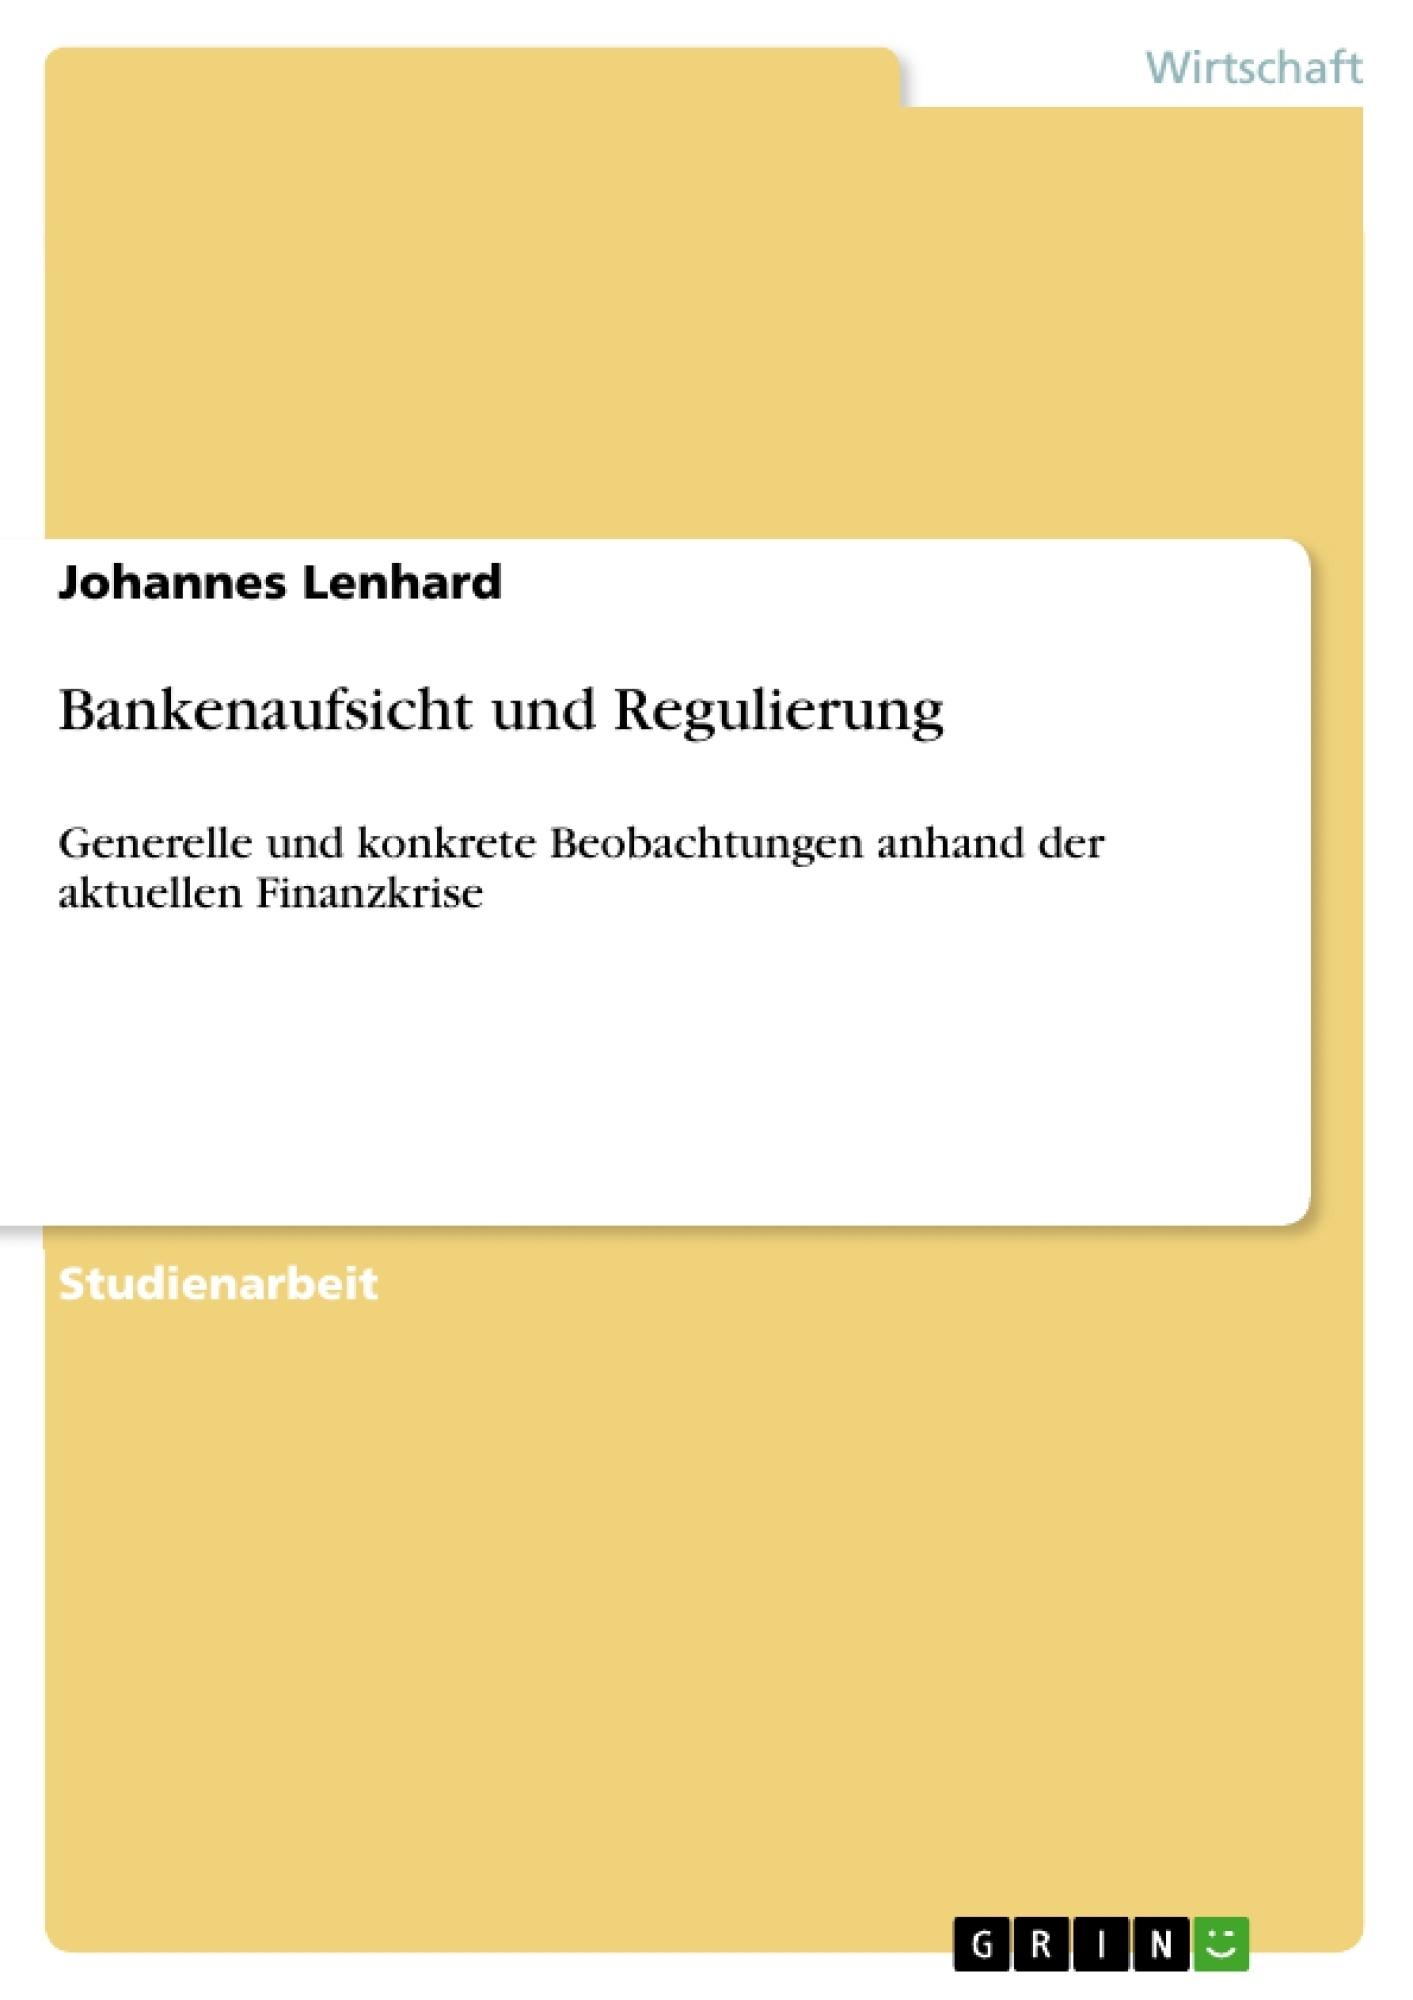 Titel: BankenaufsichtundRegulierung